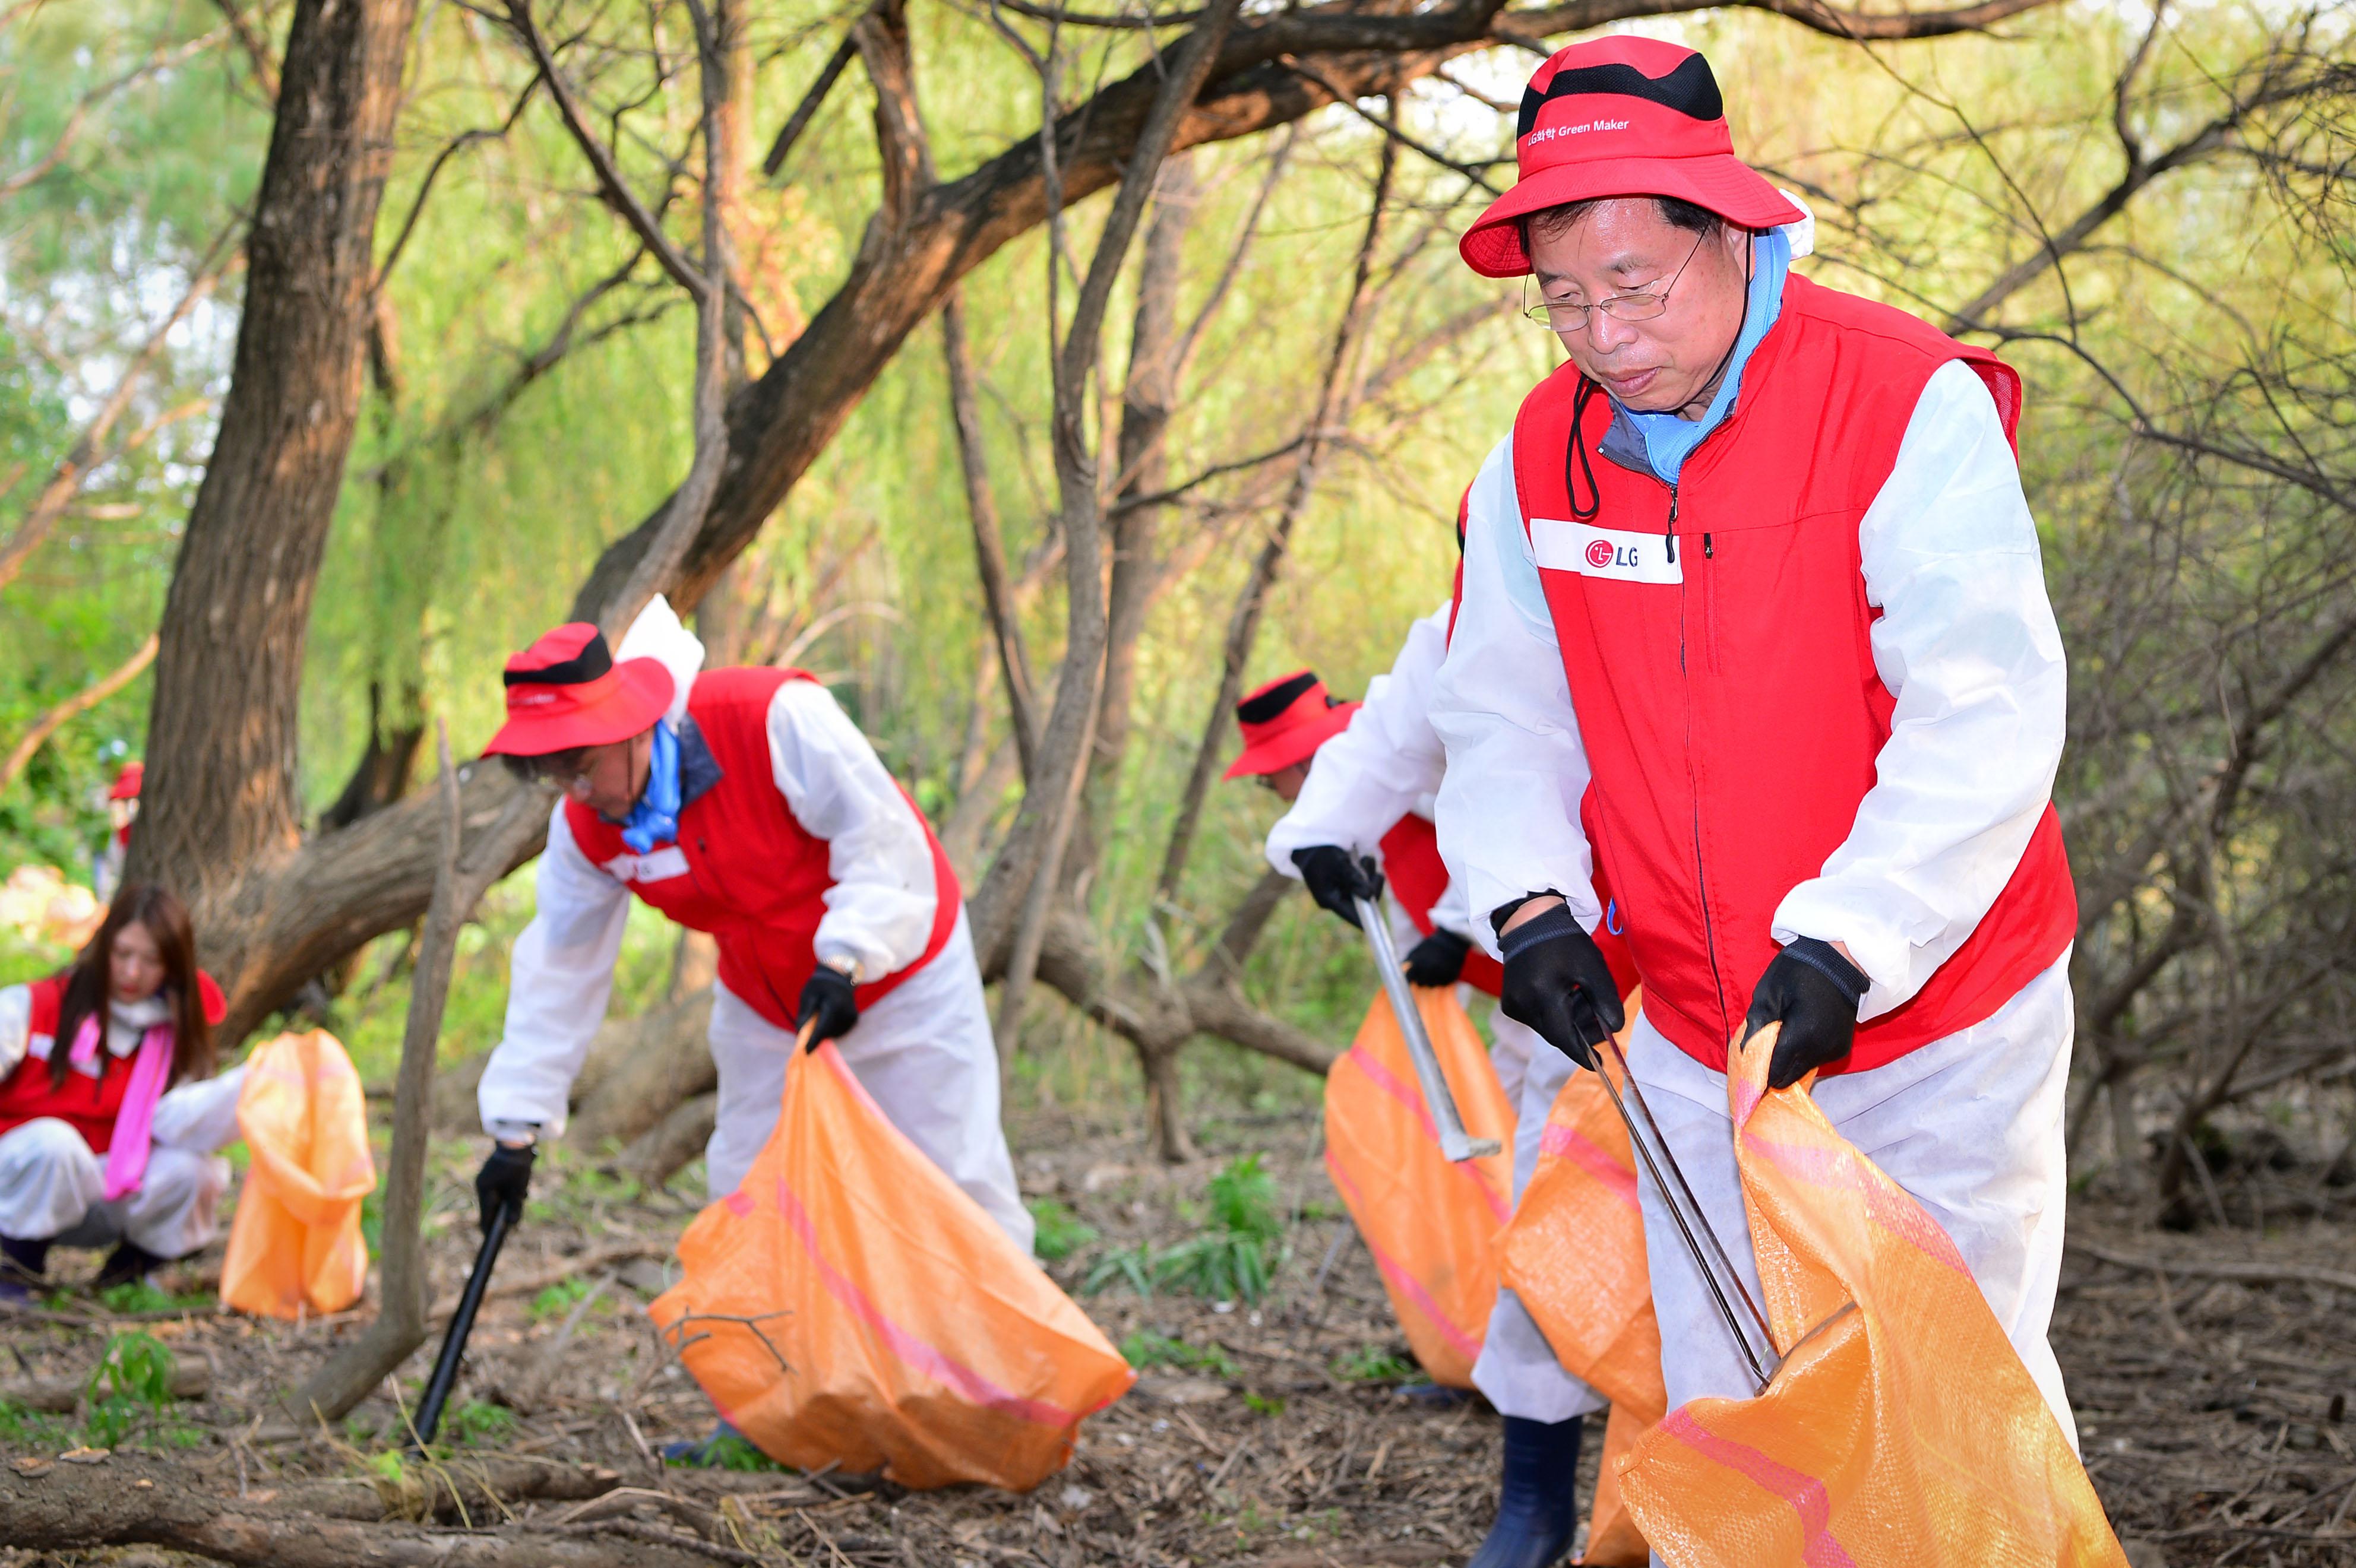 박진수 부회장이 밤섬 환경정화를 하고 있는 모습